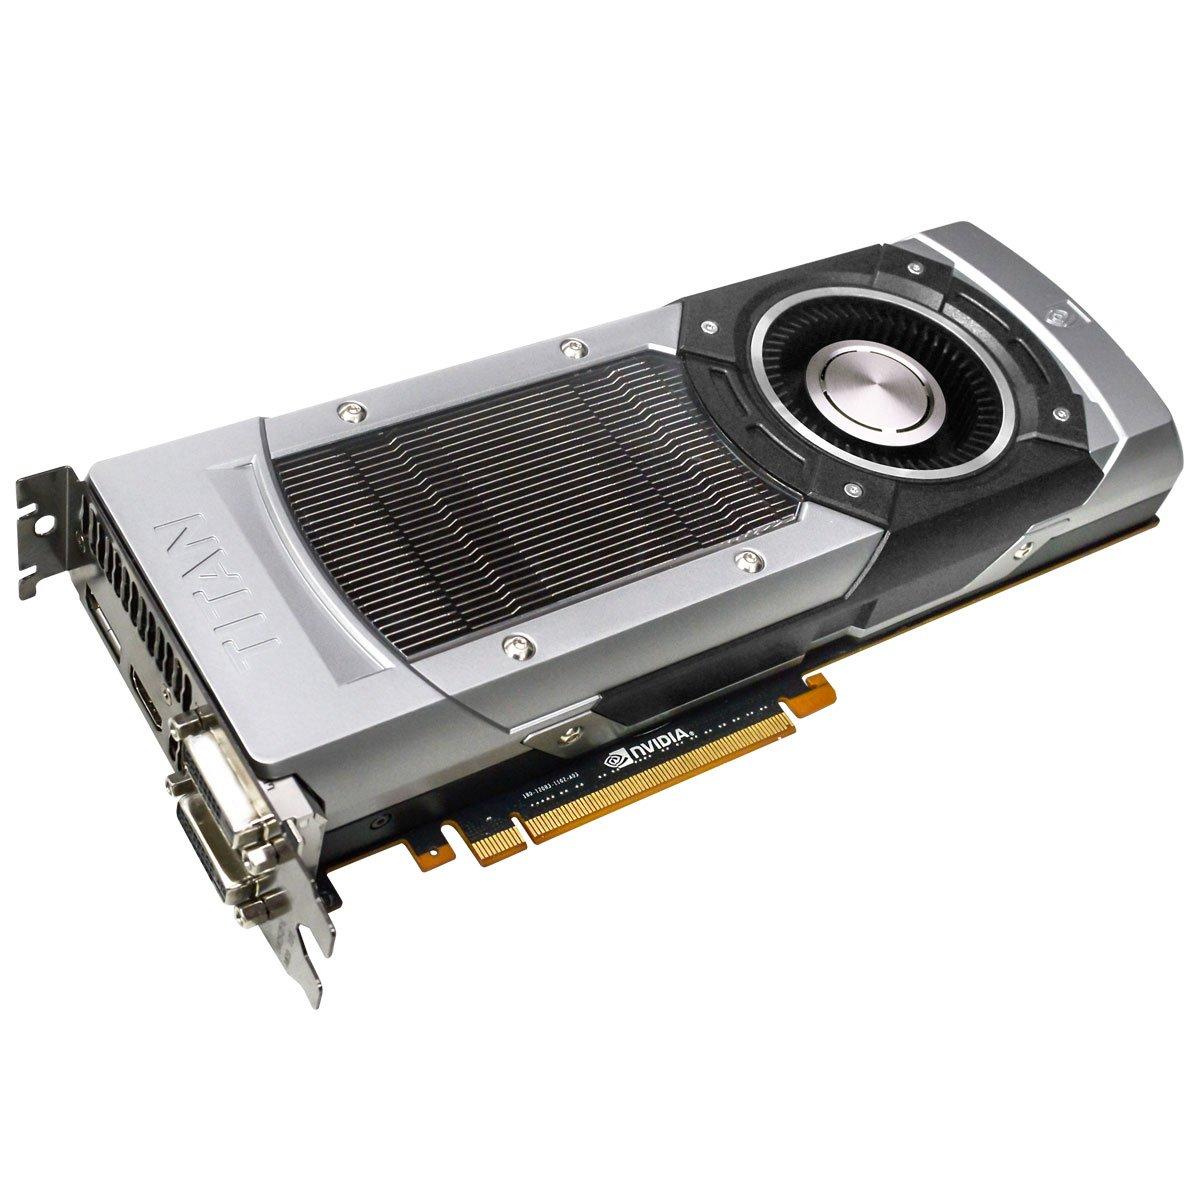 EVGA 06G-P4-2793-KR - Tarjeta gráfica (GeForce GTX TITAN ...